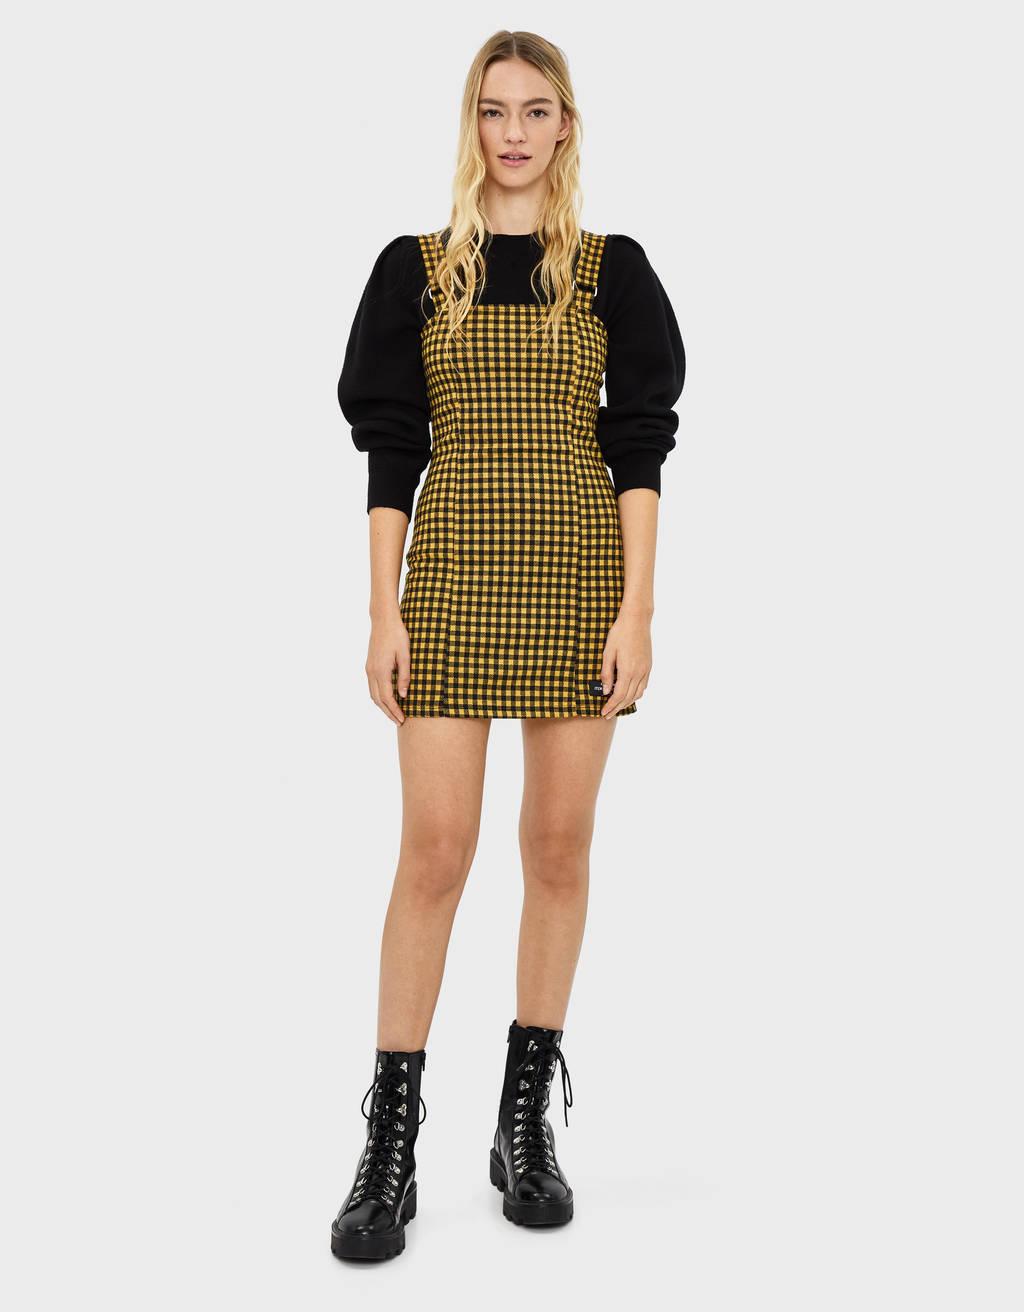 98850206055d Kleider für Damen - Sommerschlussverkauf 2019 | Bershka